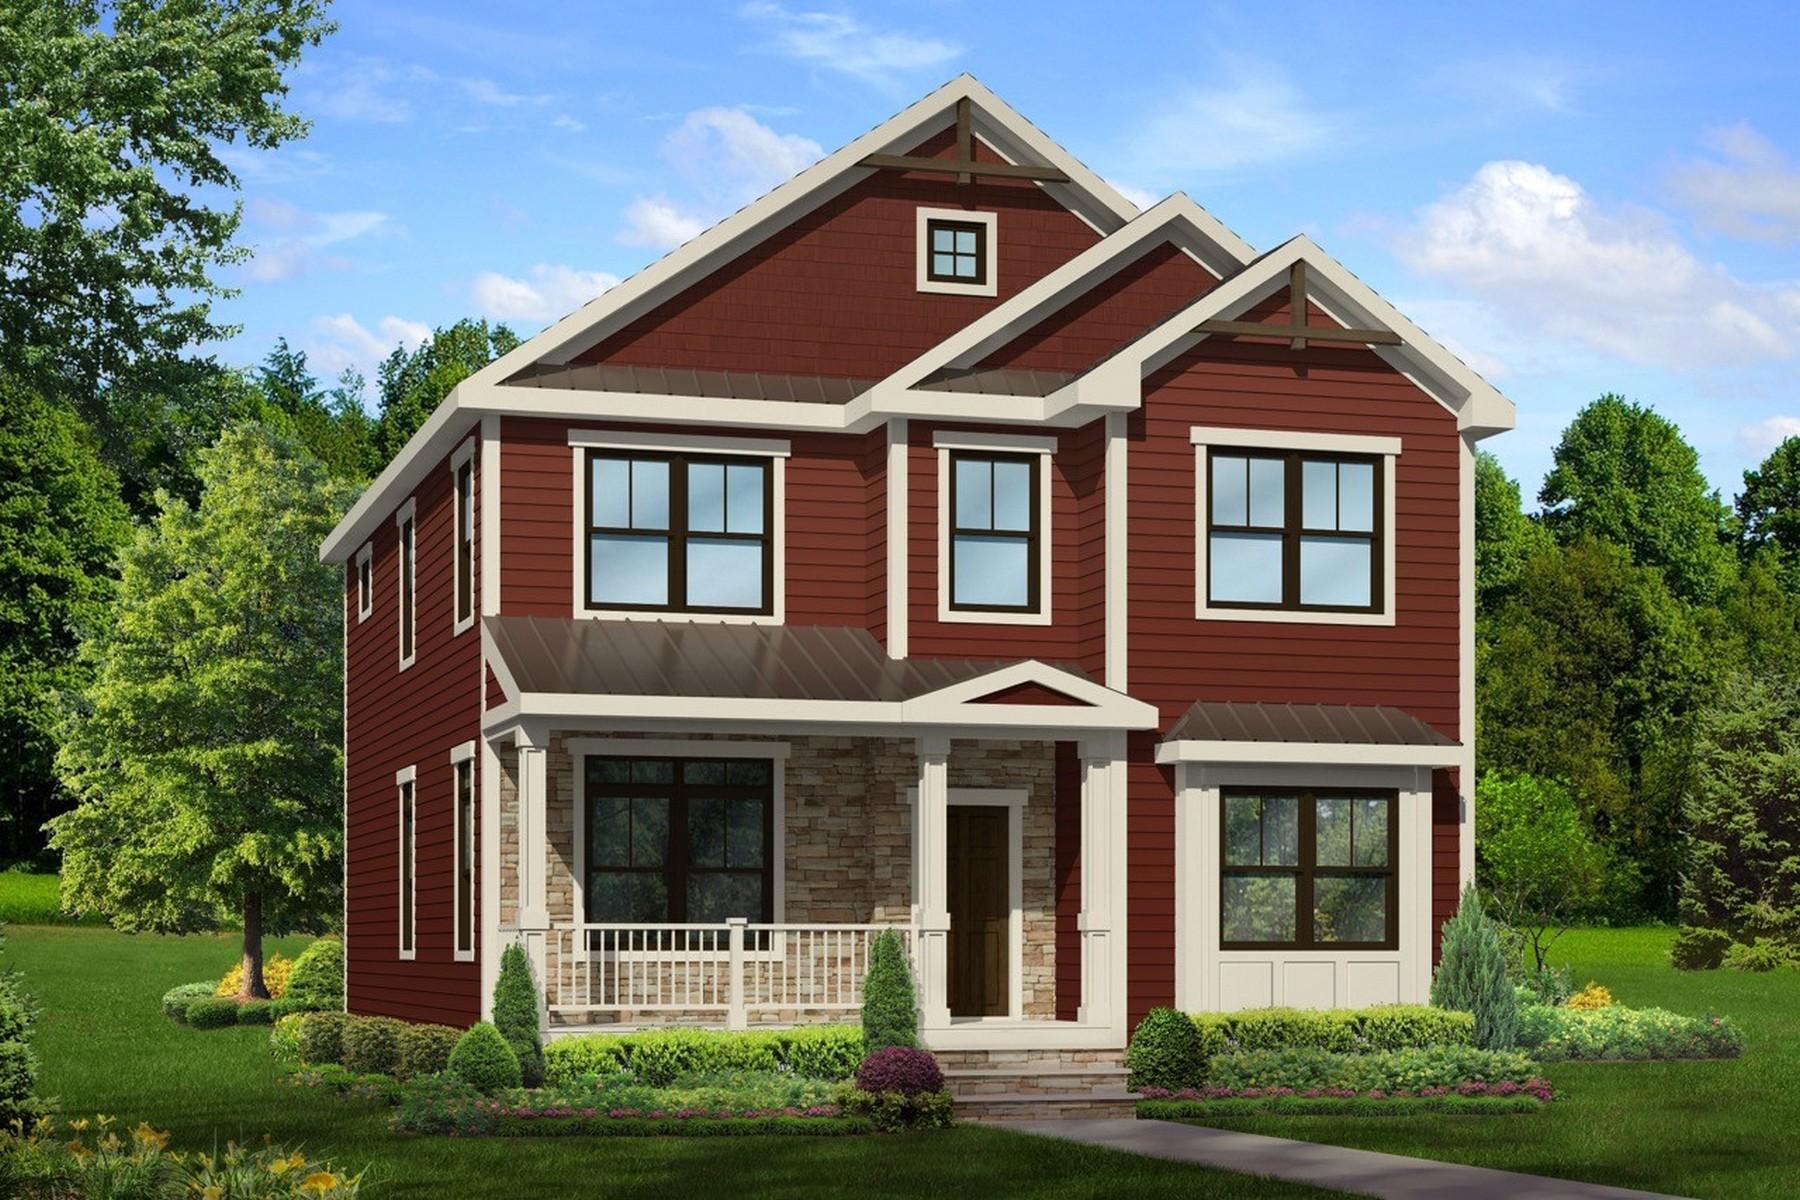 Einfamilienhaus für Verkauf beim Classic Designs 10 Richard Ave Saratoga Springs, New York 12866 Vereinigte Staaten